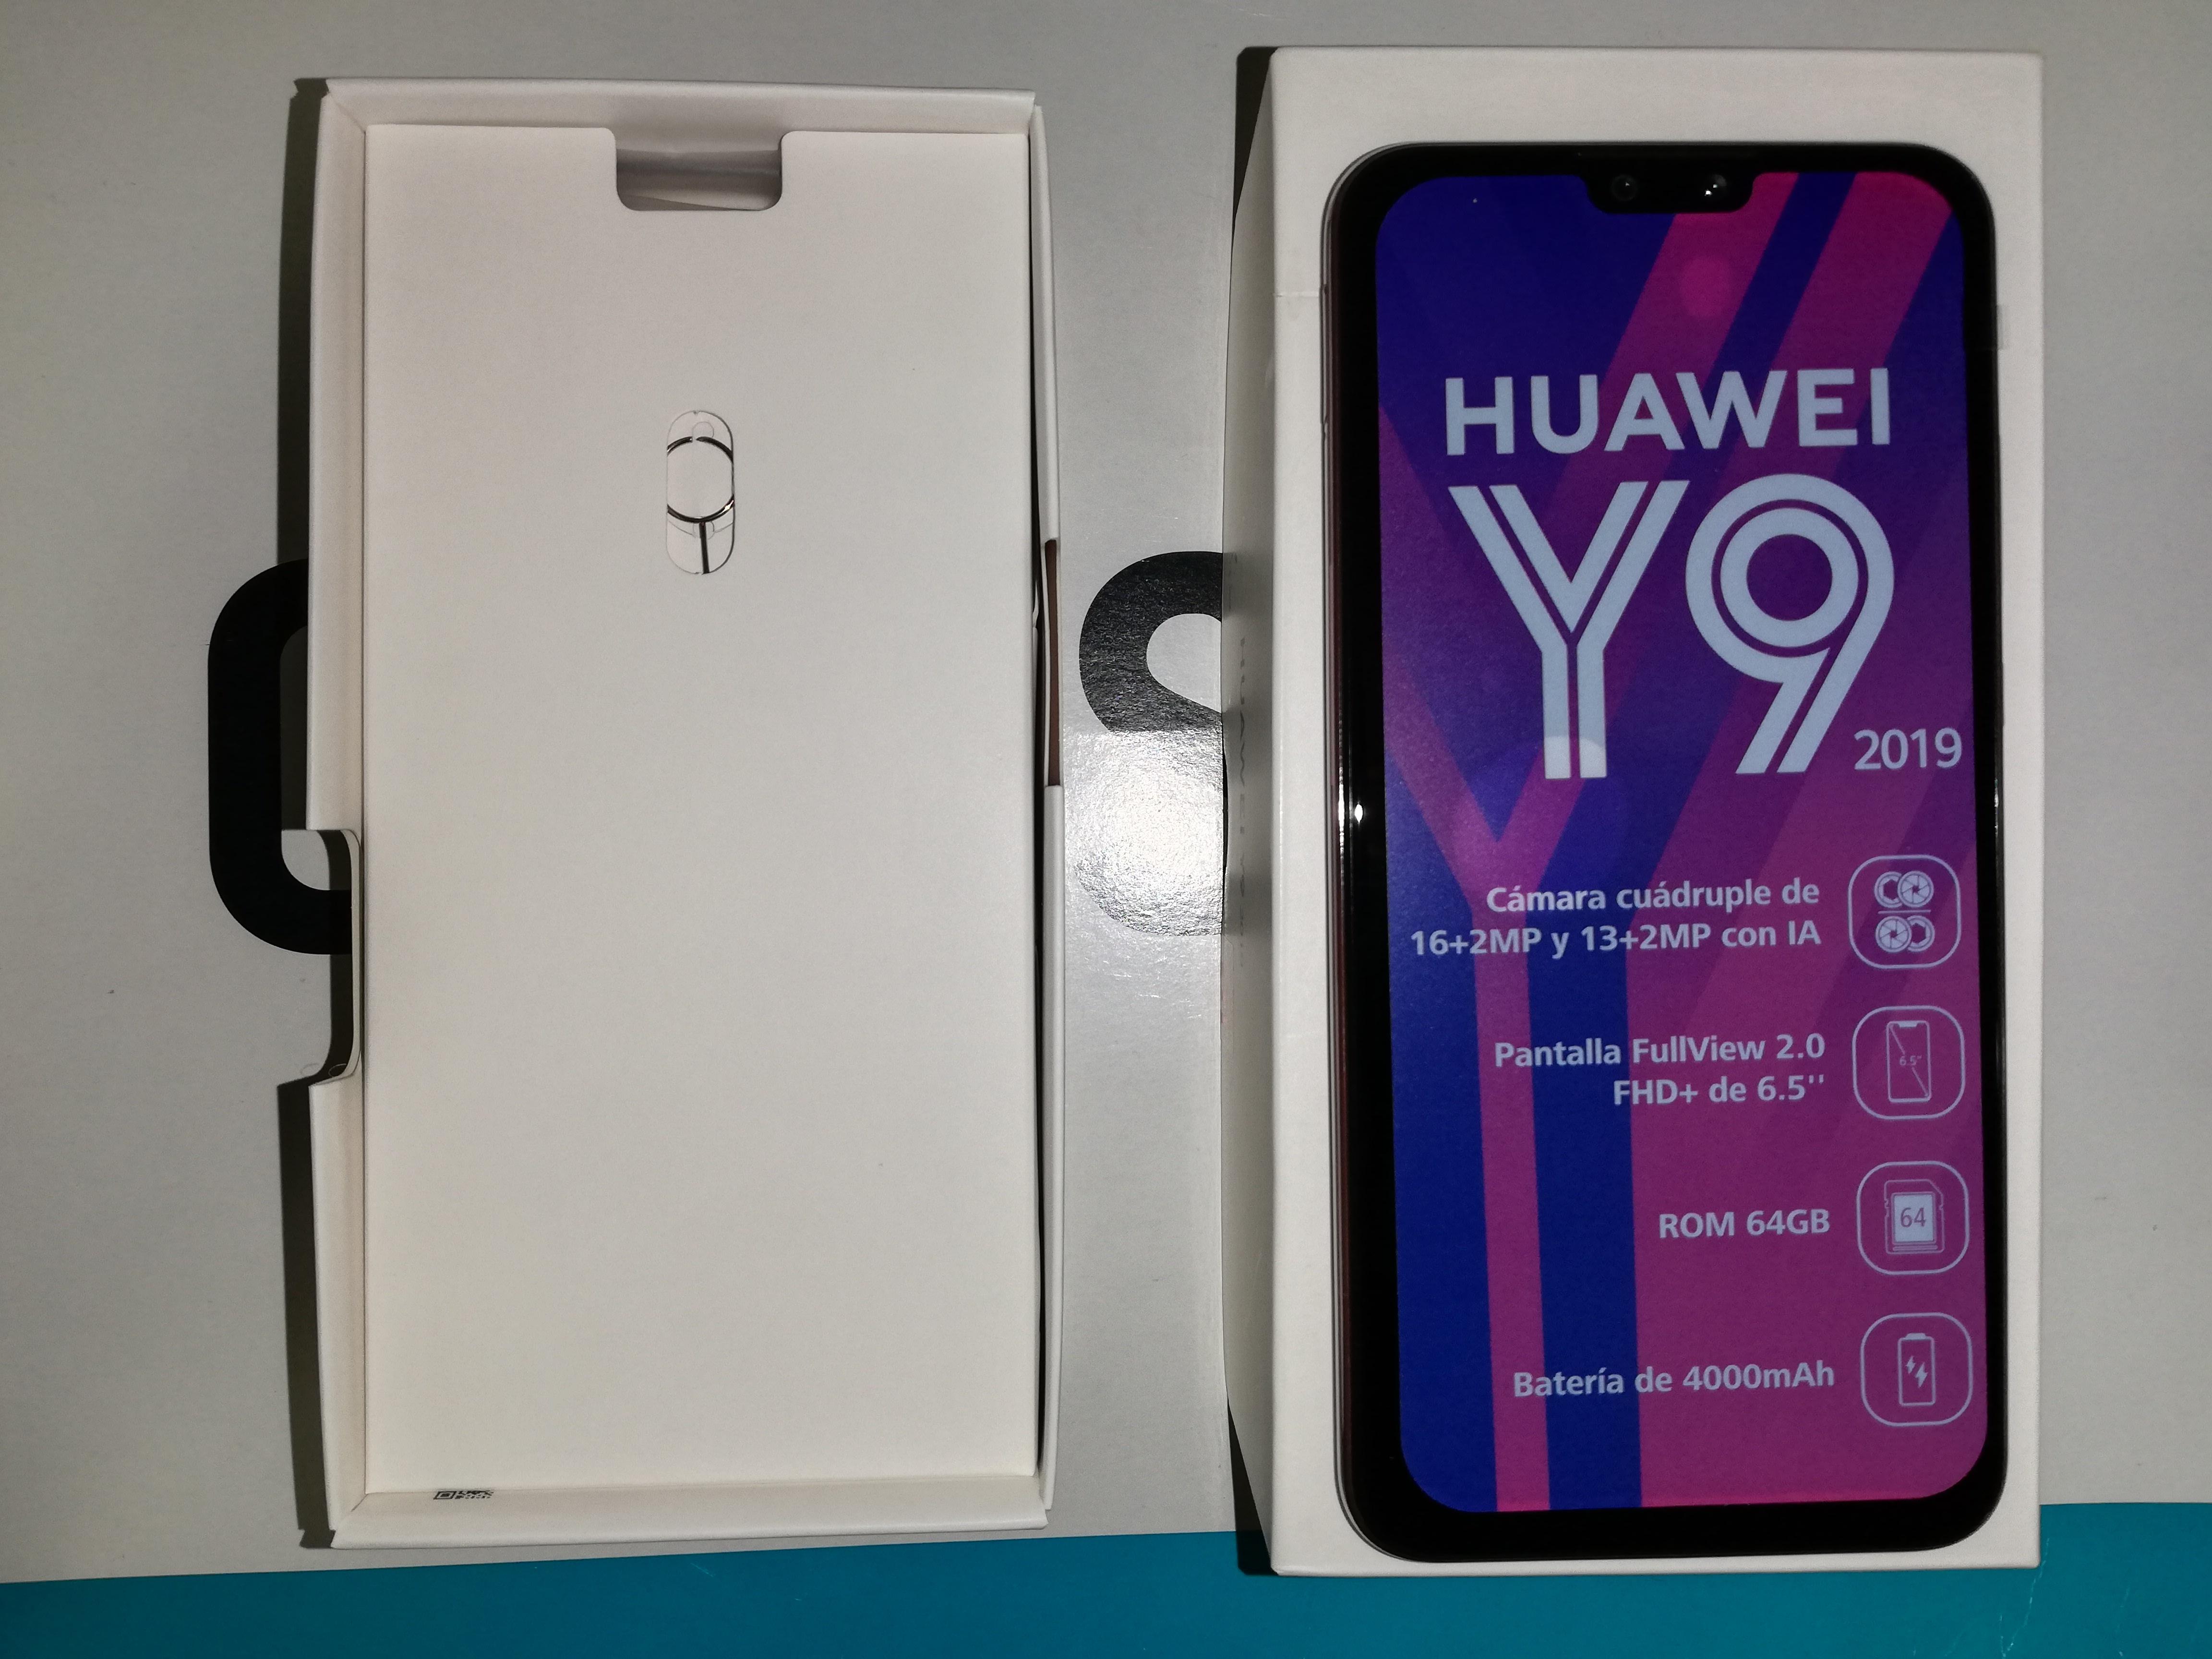 Huawei Y9 2019 - Por encargo (Descuento $10) 11